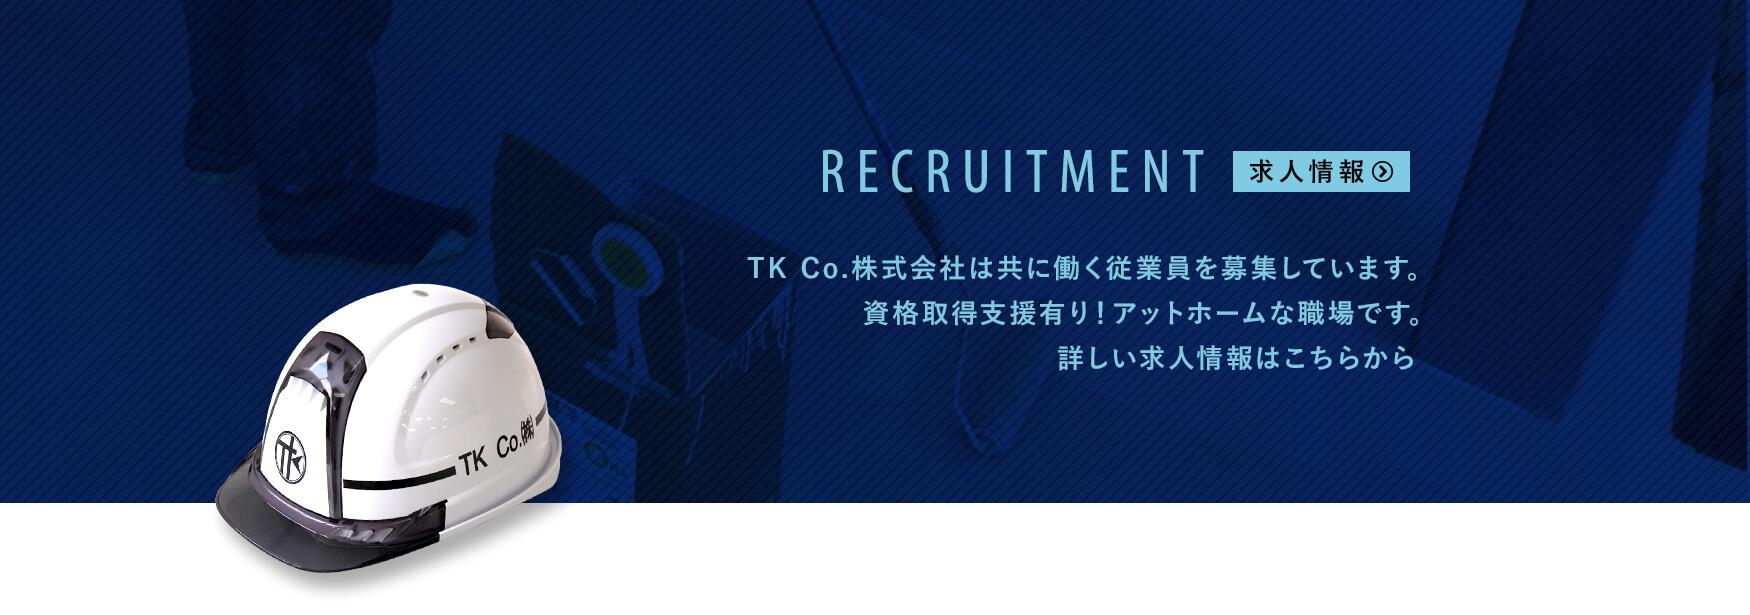 recruit_banner_on